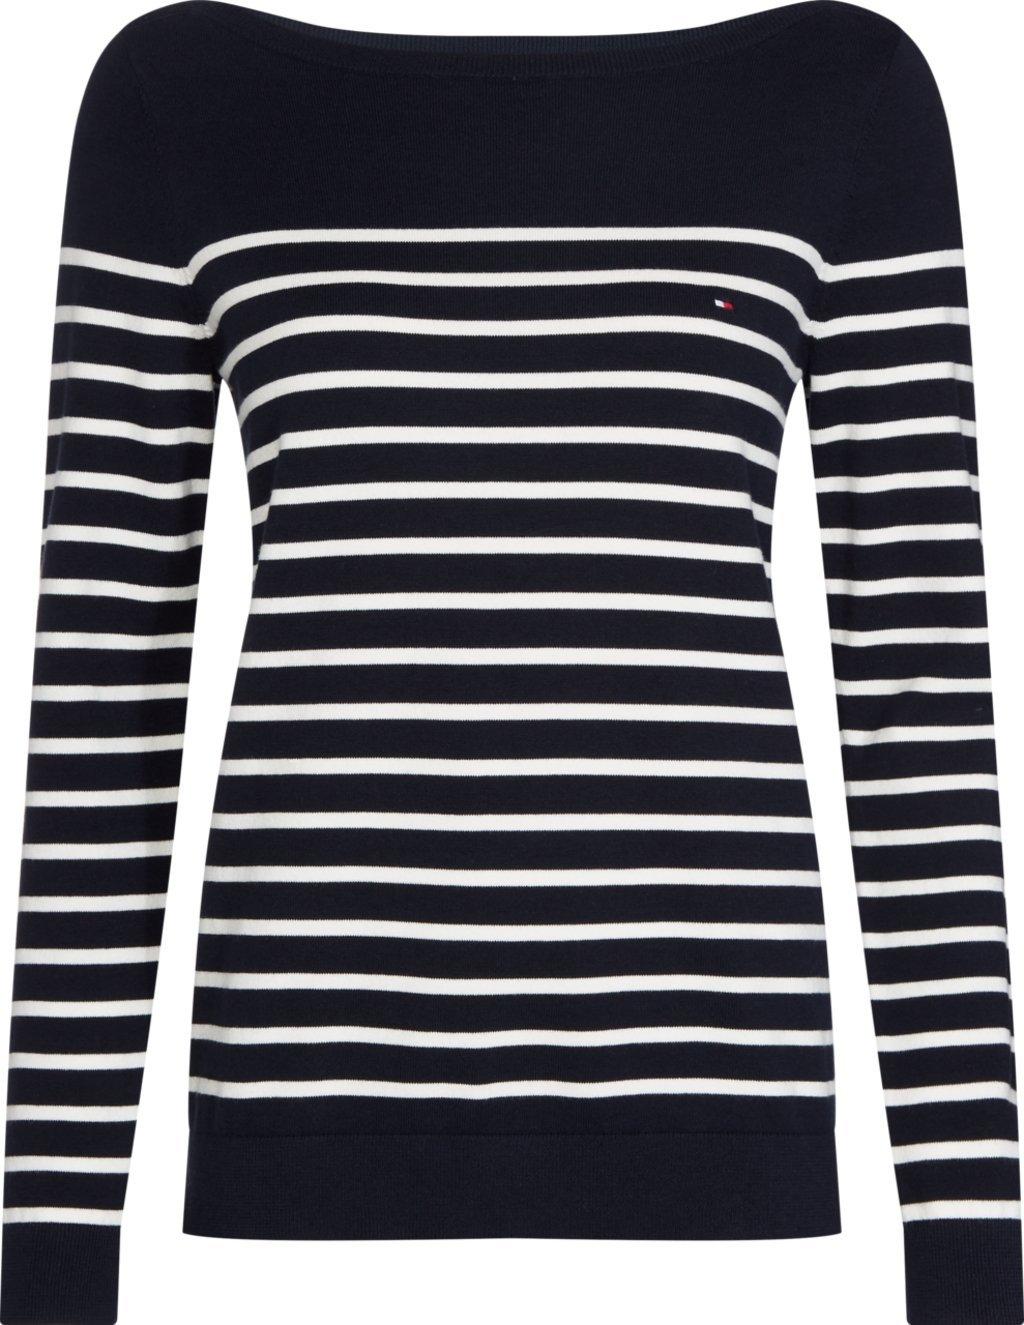 Tommy Hilfiger gestreepte trui »HERITAGE BOAT NECK SWEATER« bestellen: 30 dagen bedenktijd